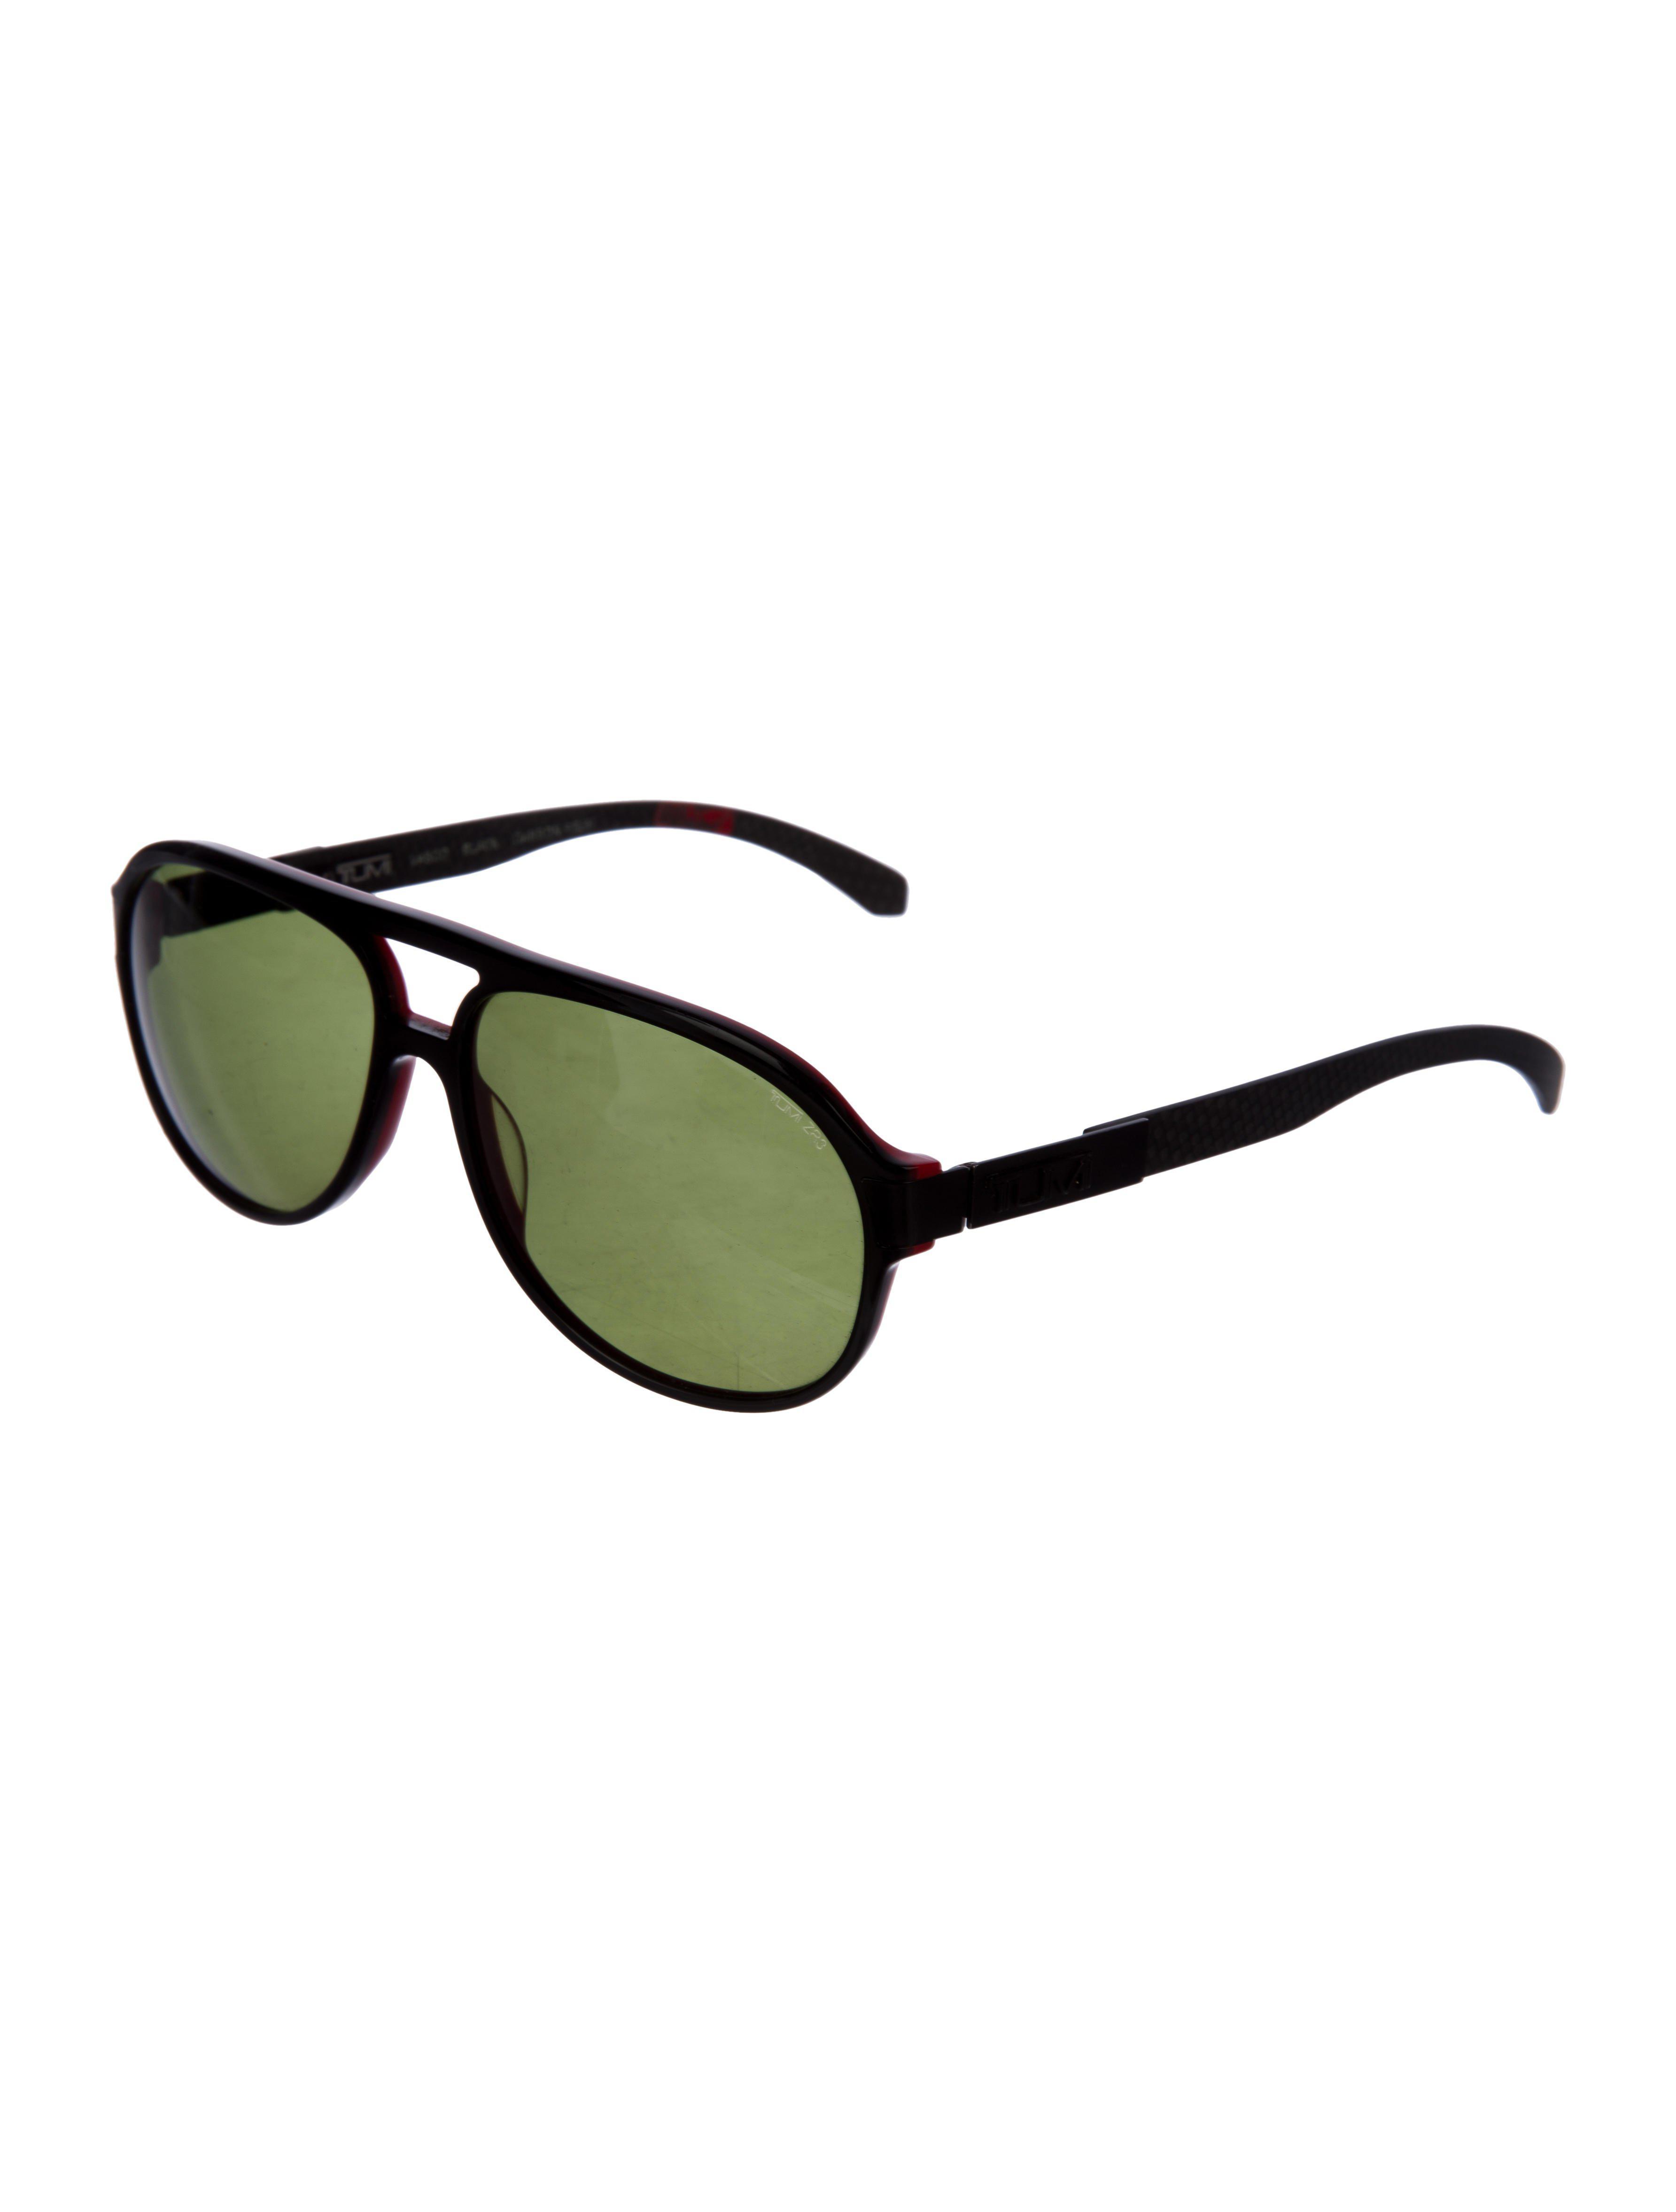 2323a783ac Tumi - Black Polarized Cat 3 Sunglasses - Lyst. View fullscreen